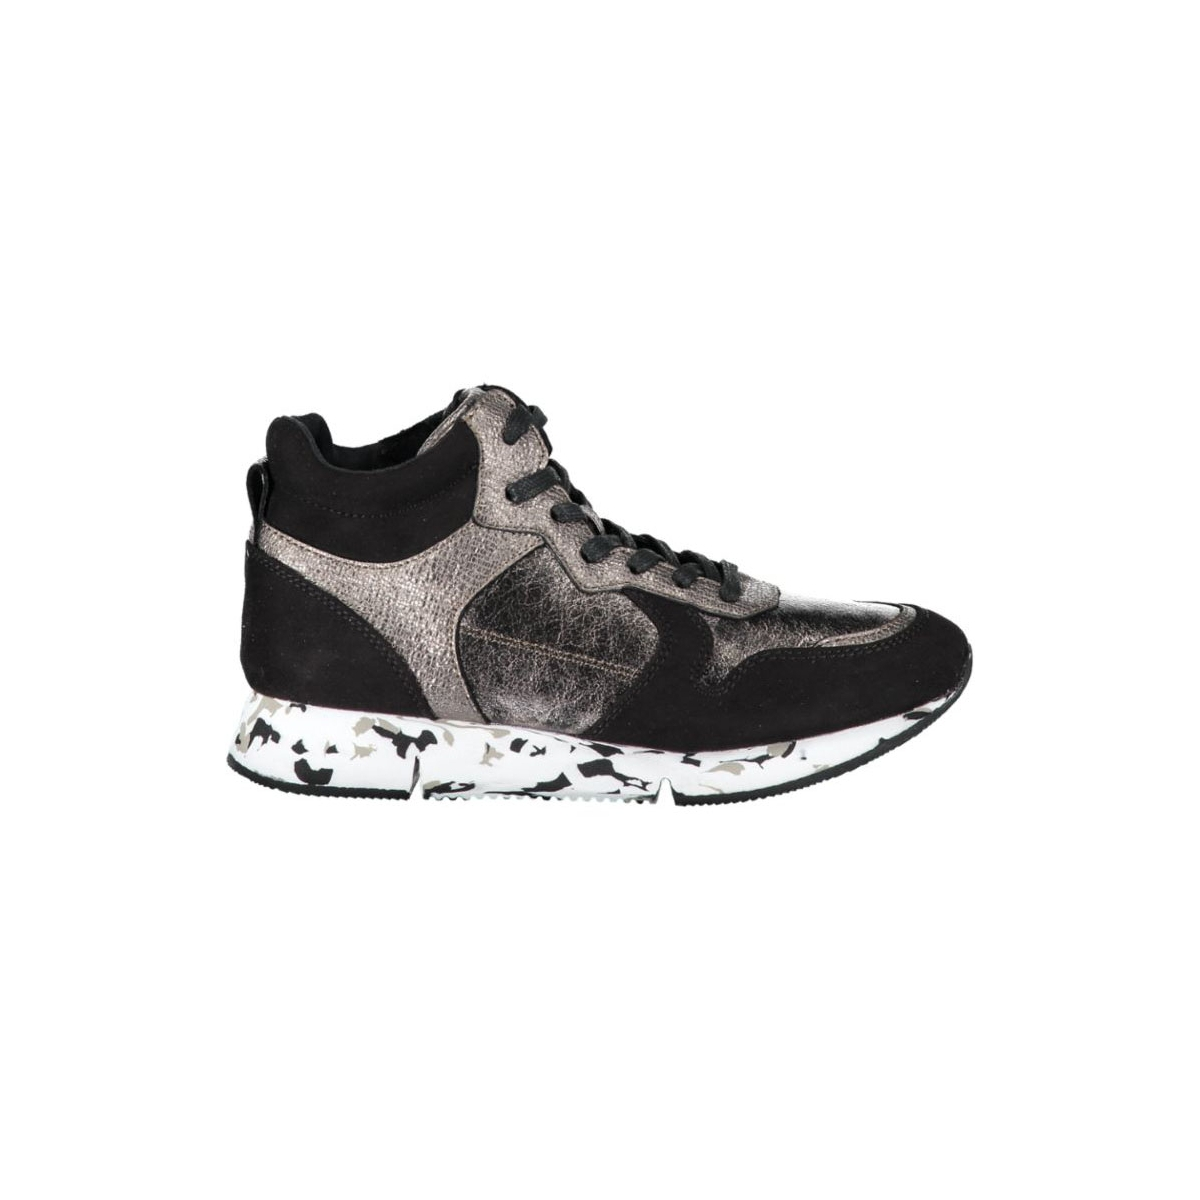 1-25084-37 tamaris sneaker 917 pewter/black